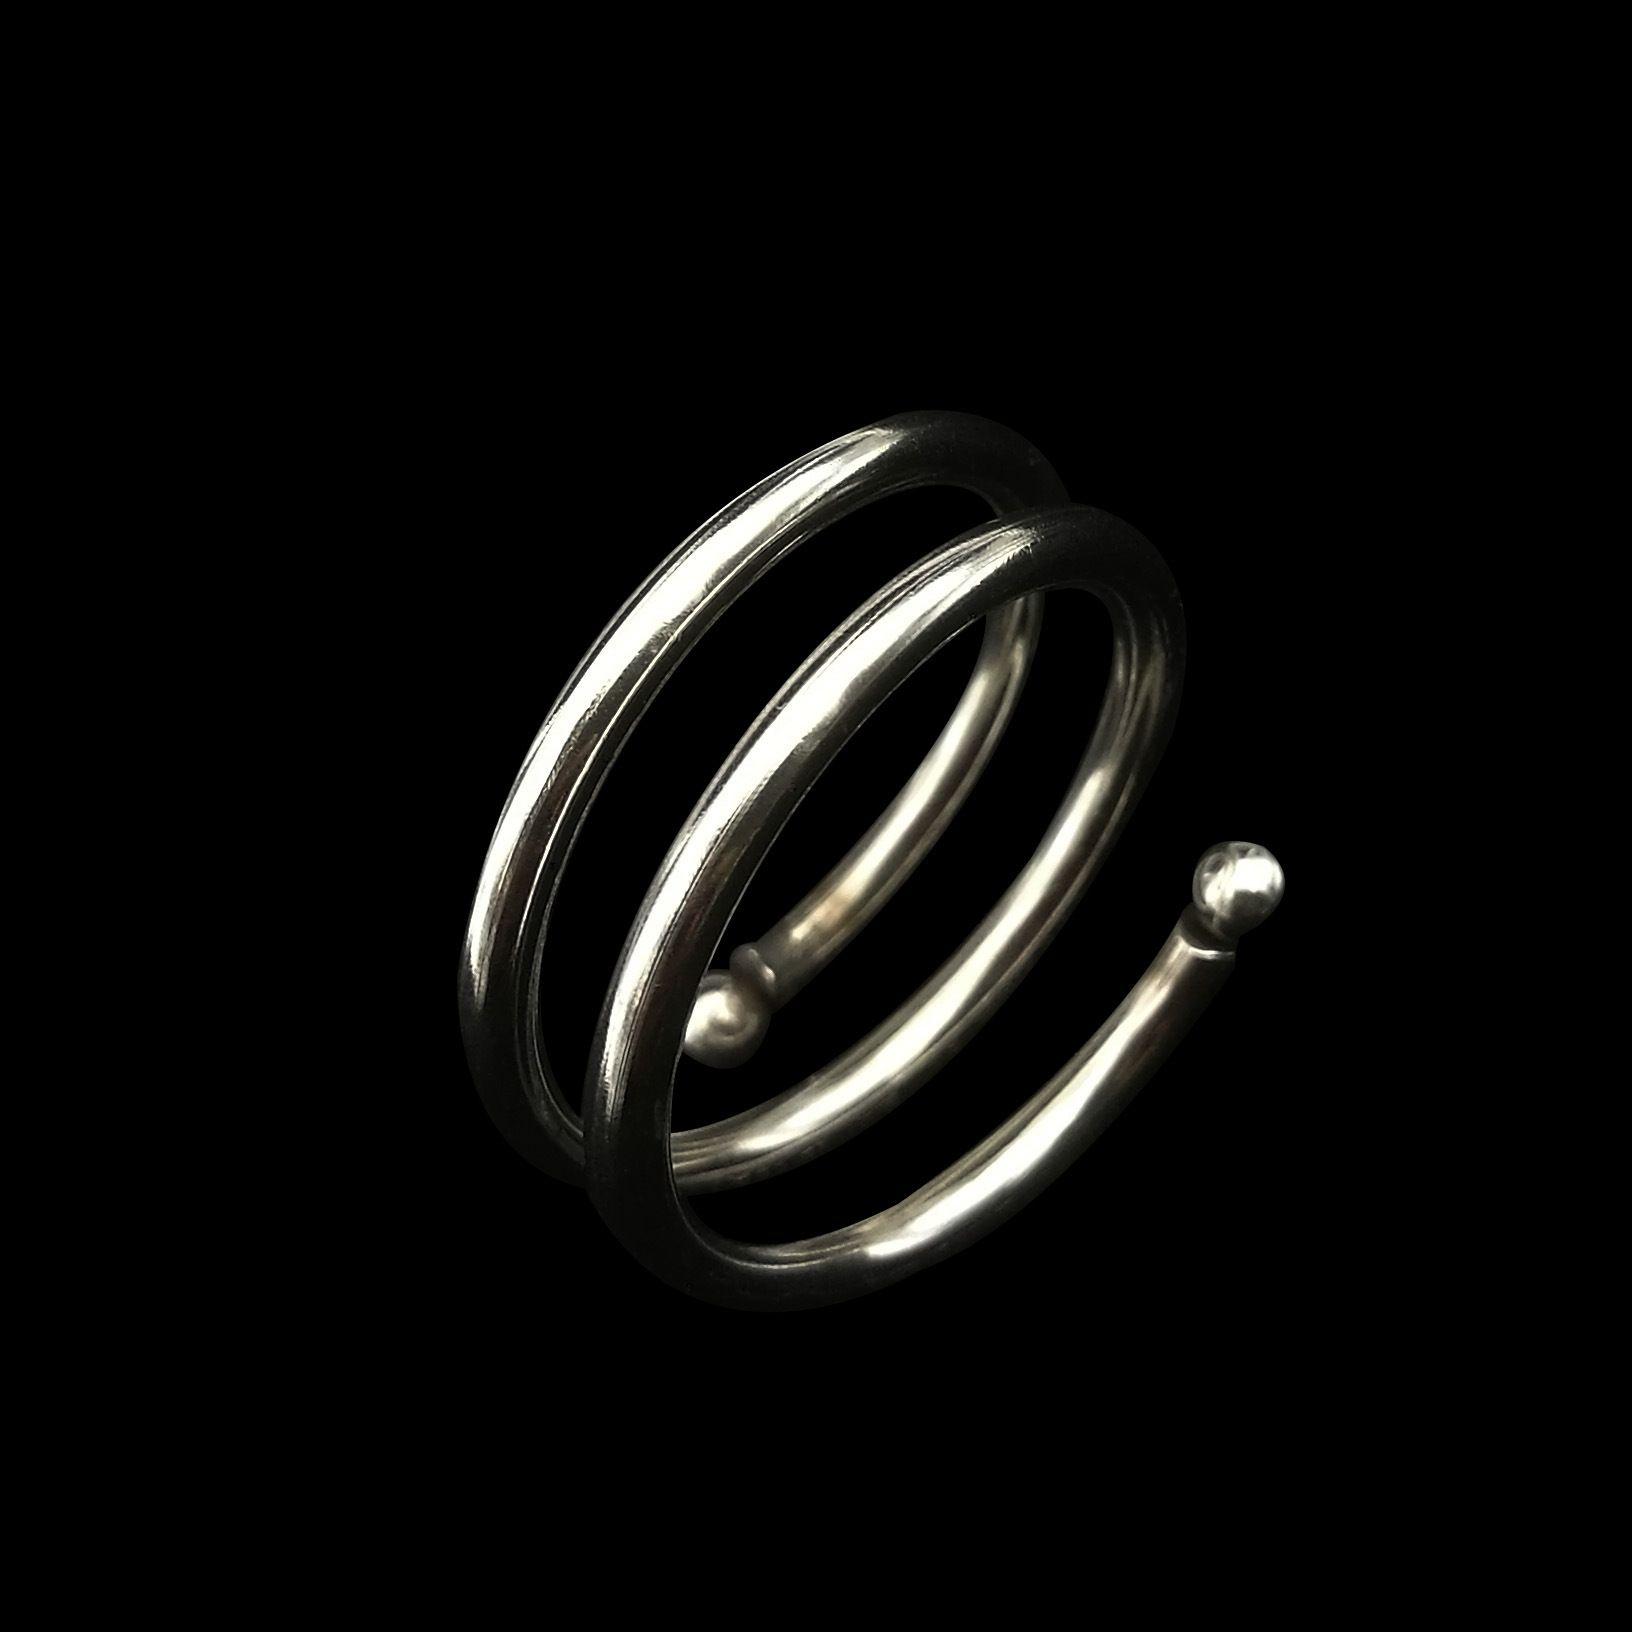 Europa al titanio di vendita calda anello elastico anello in acciaio inox formato all'ingrosso UE da 6 a 11